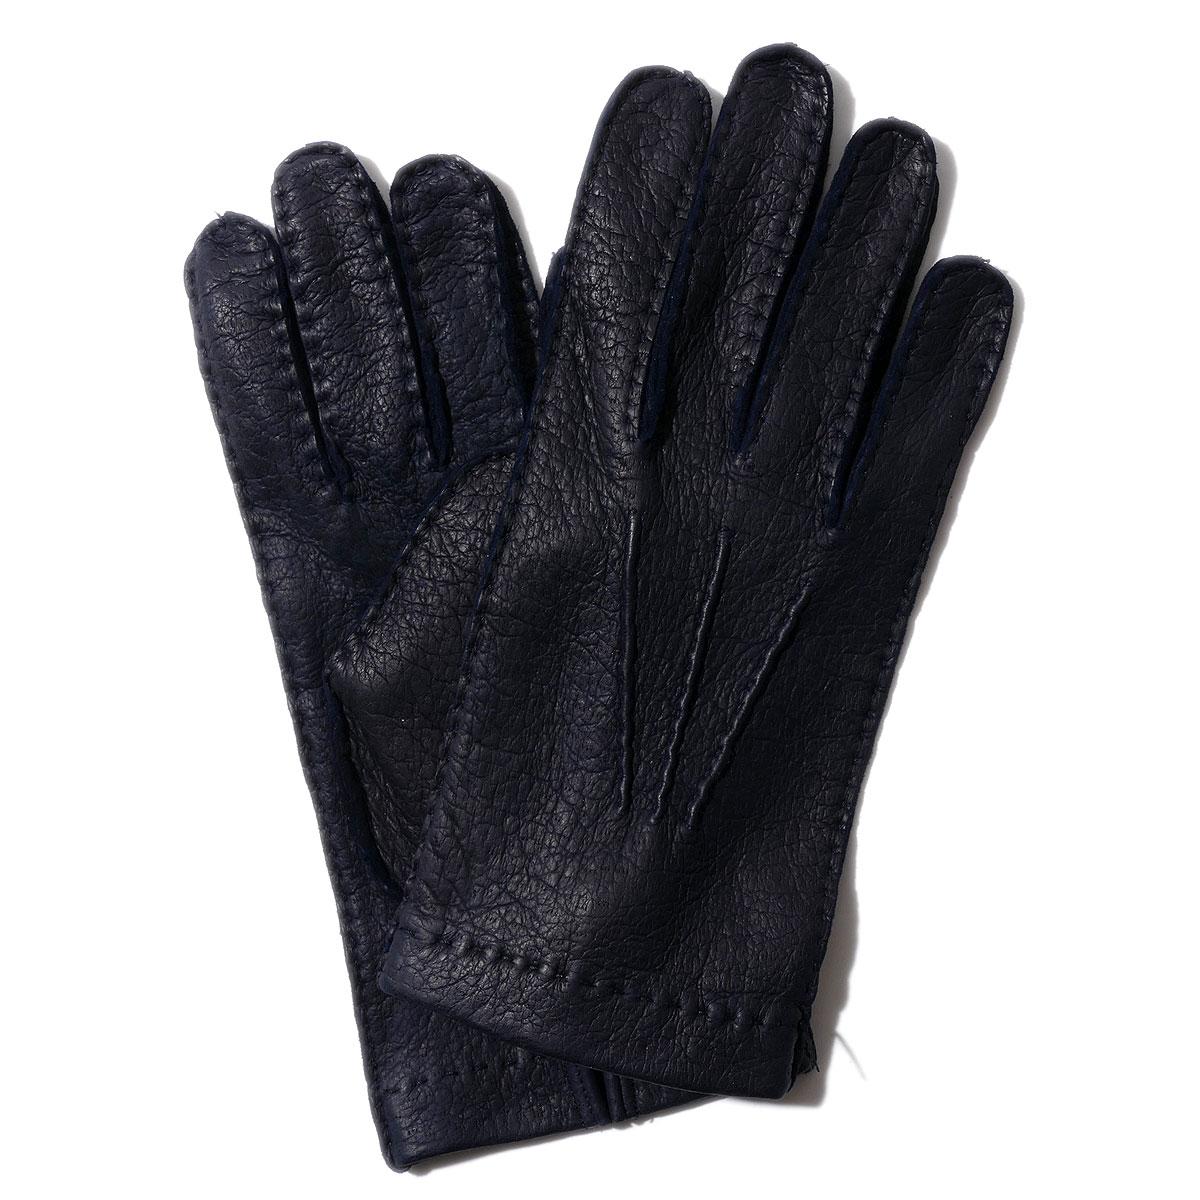 2020AW 送料無料 皇室御用達 名門ドライビング グローブMEROLA メローラ ペッカリー グローブ ZU73 ネイビー MEROLA イタリア製 手ぶくろ 手袋 革 時間指定不可 格安 価格でご提供いたします ギフト メンズ 裏地なし 男性用 防寒ブランド